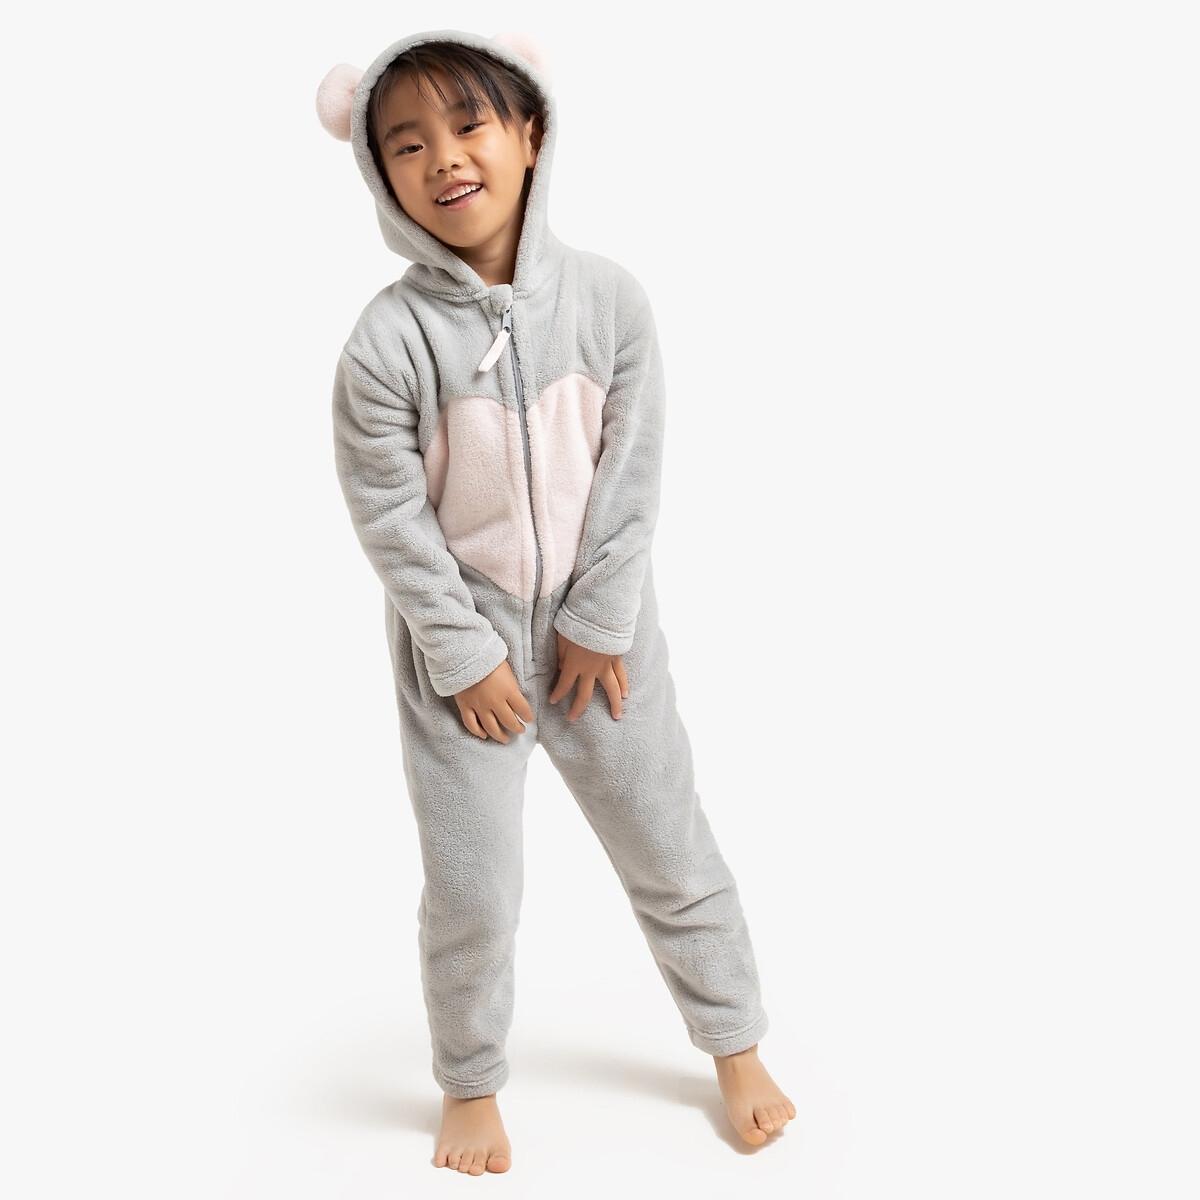 Пижама-комбинезон LaRedoute, Серый, С капюшоном мышь 3-12 лет 10 лет - 138 см серый